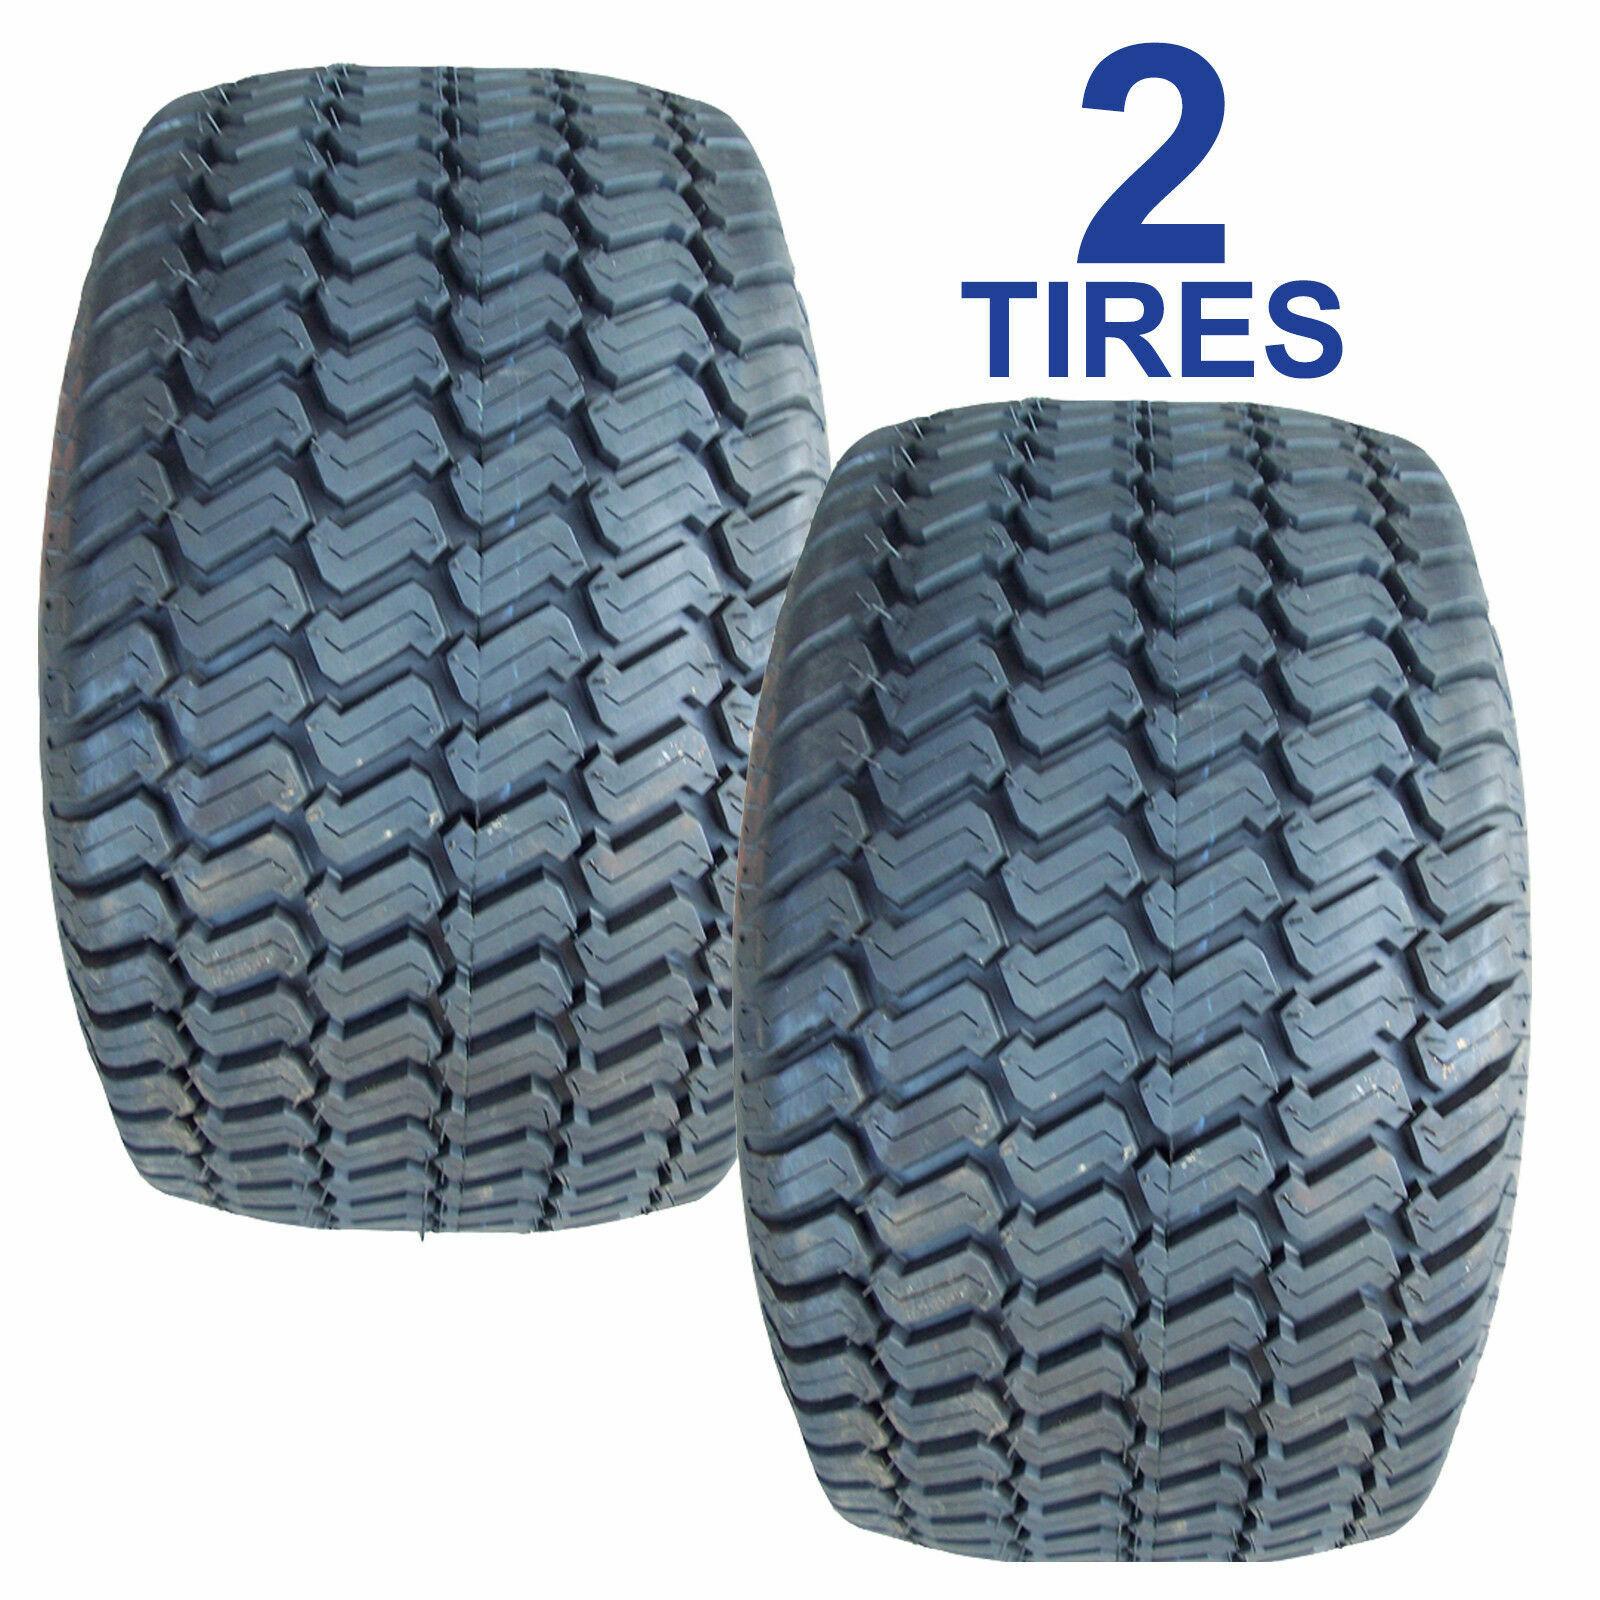 22x10.00x12 Neumático KTX A513-002 22psi 07101240 = 2 Neumáticos-Qty 2